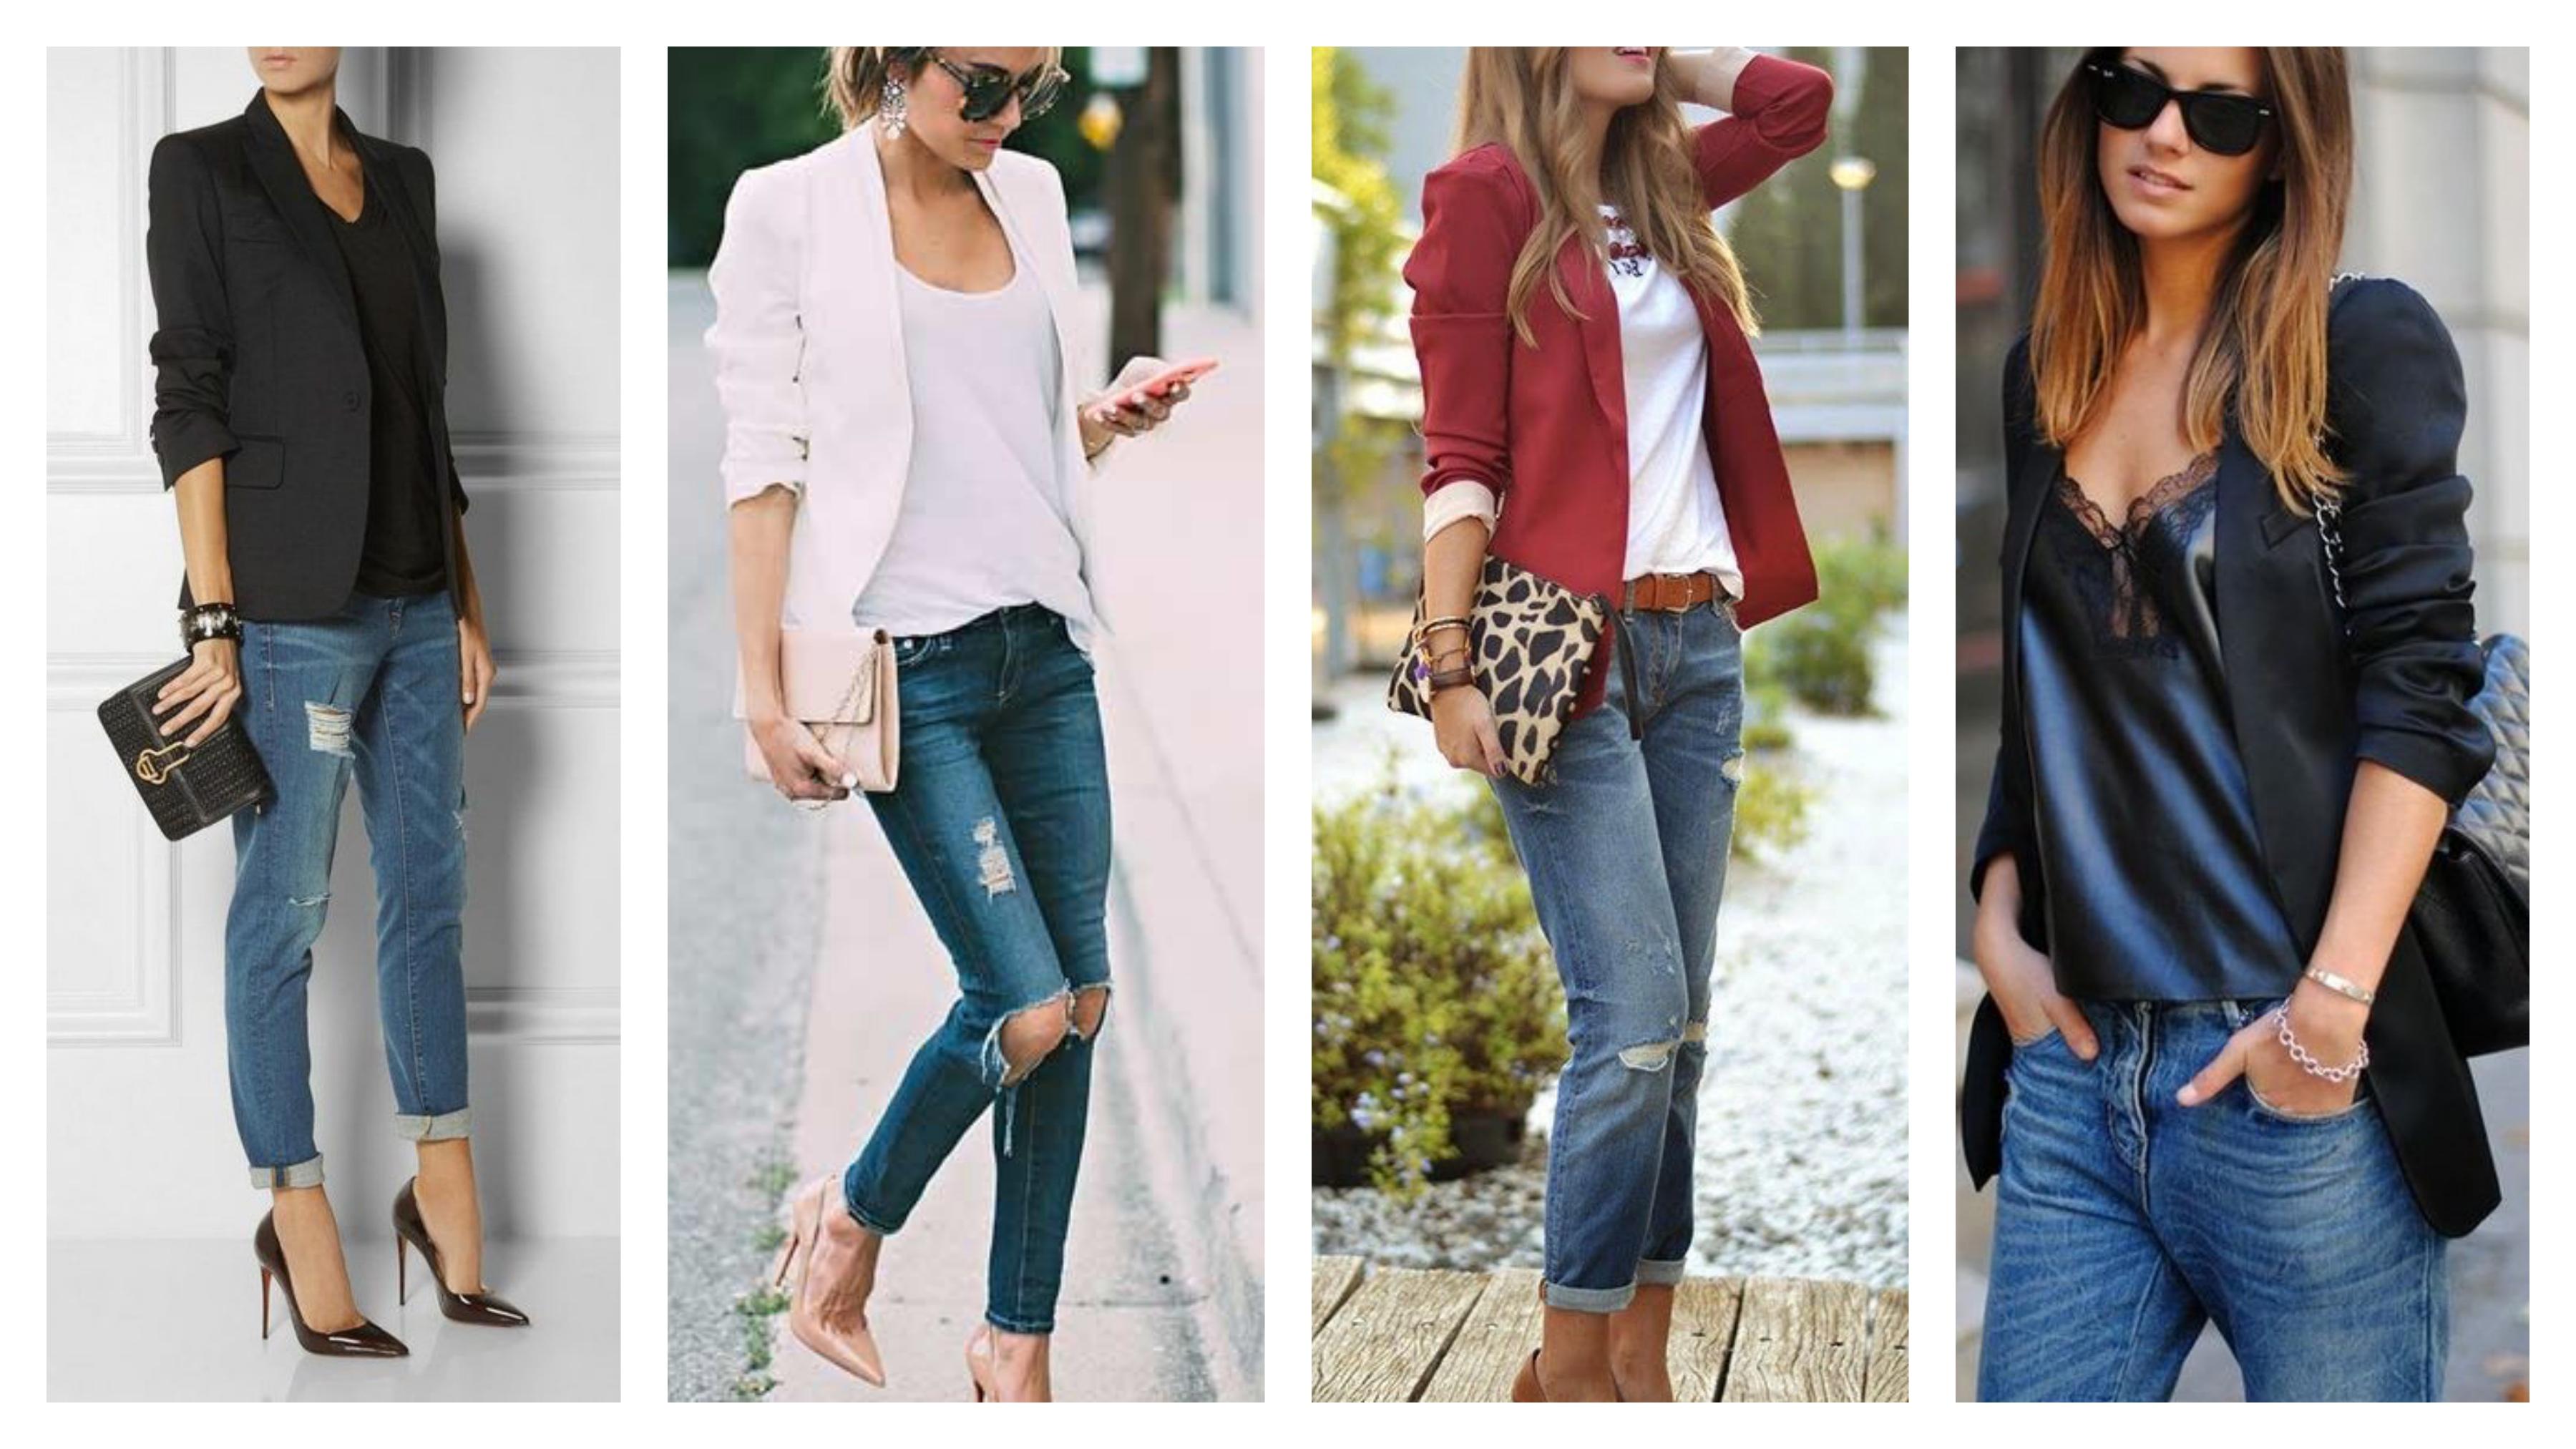 Самые модные и стильные джинсы 2018. Виды джинсов. Как джинсы выбрать для разных типов фигур